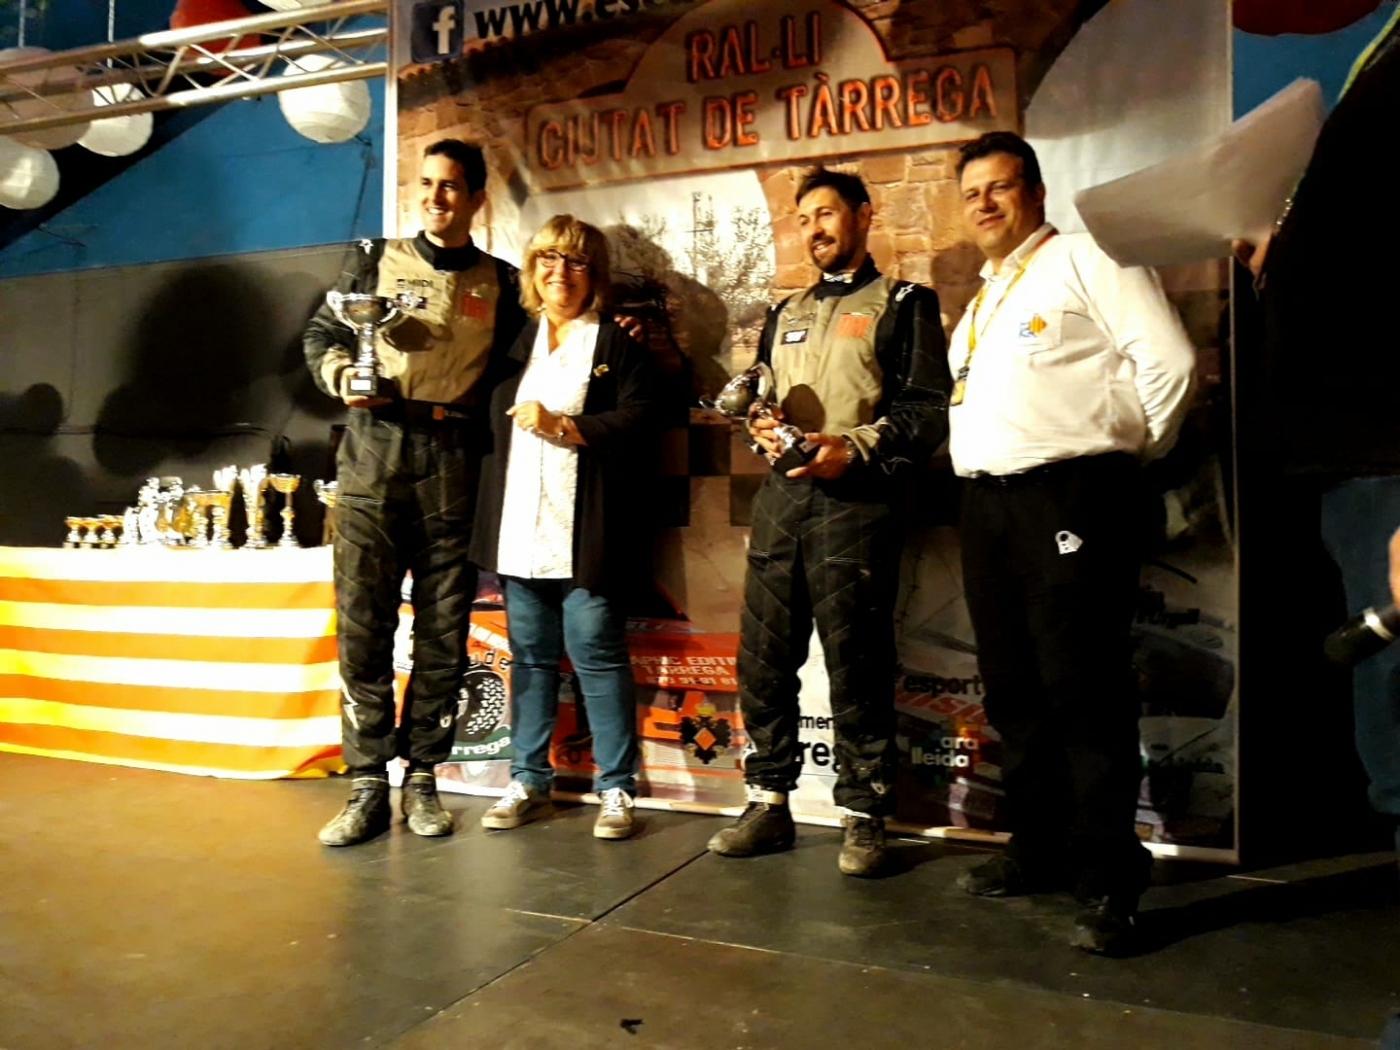 Xavier Vidalés i Jordi Hereu s'imposen el en 26è Ral·li Ciutat de Tàrrega, penúltima prova del Campionat de Catalunya